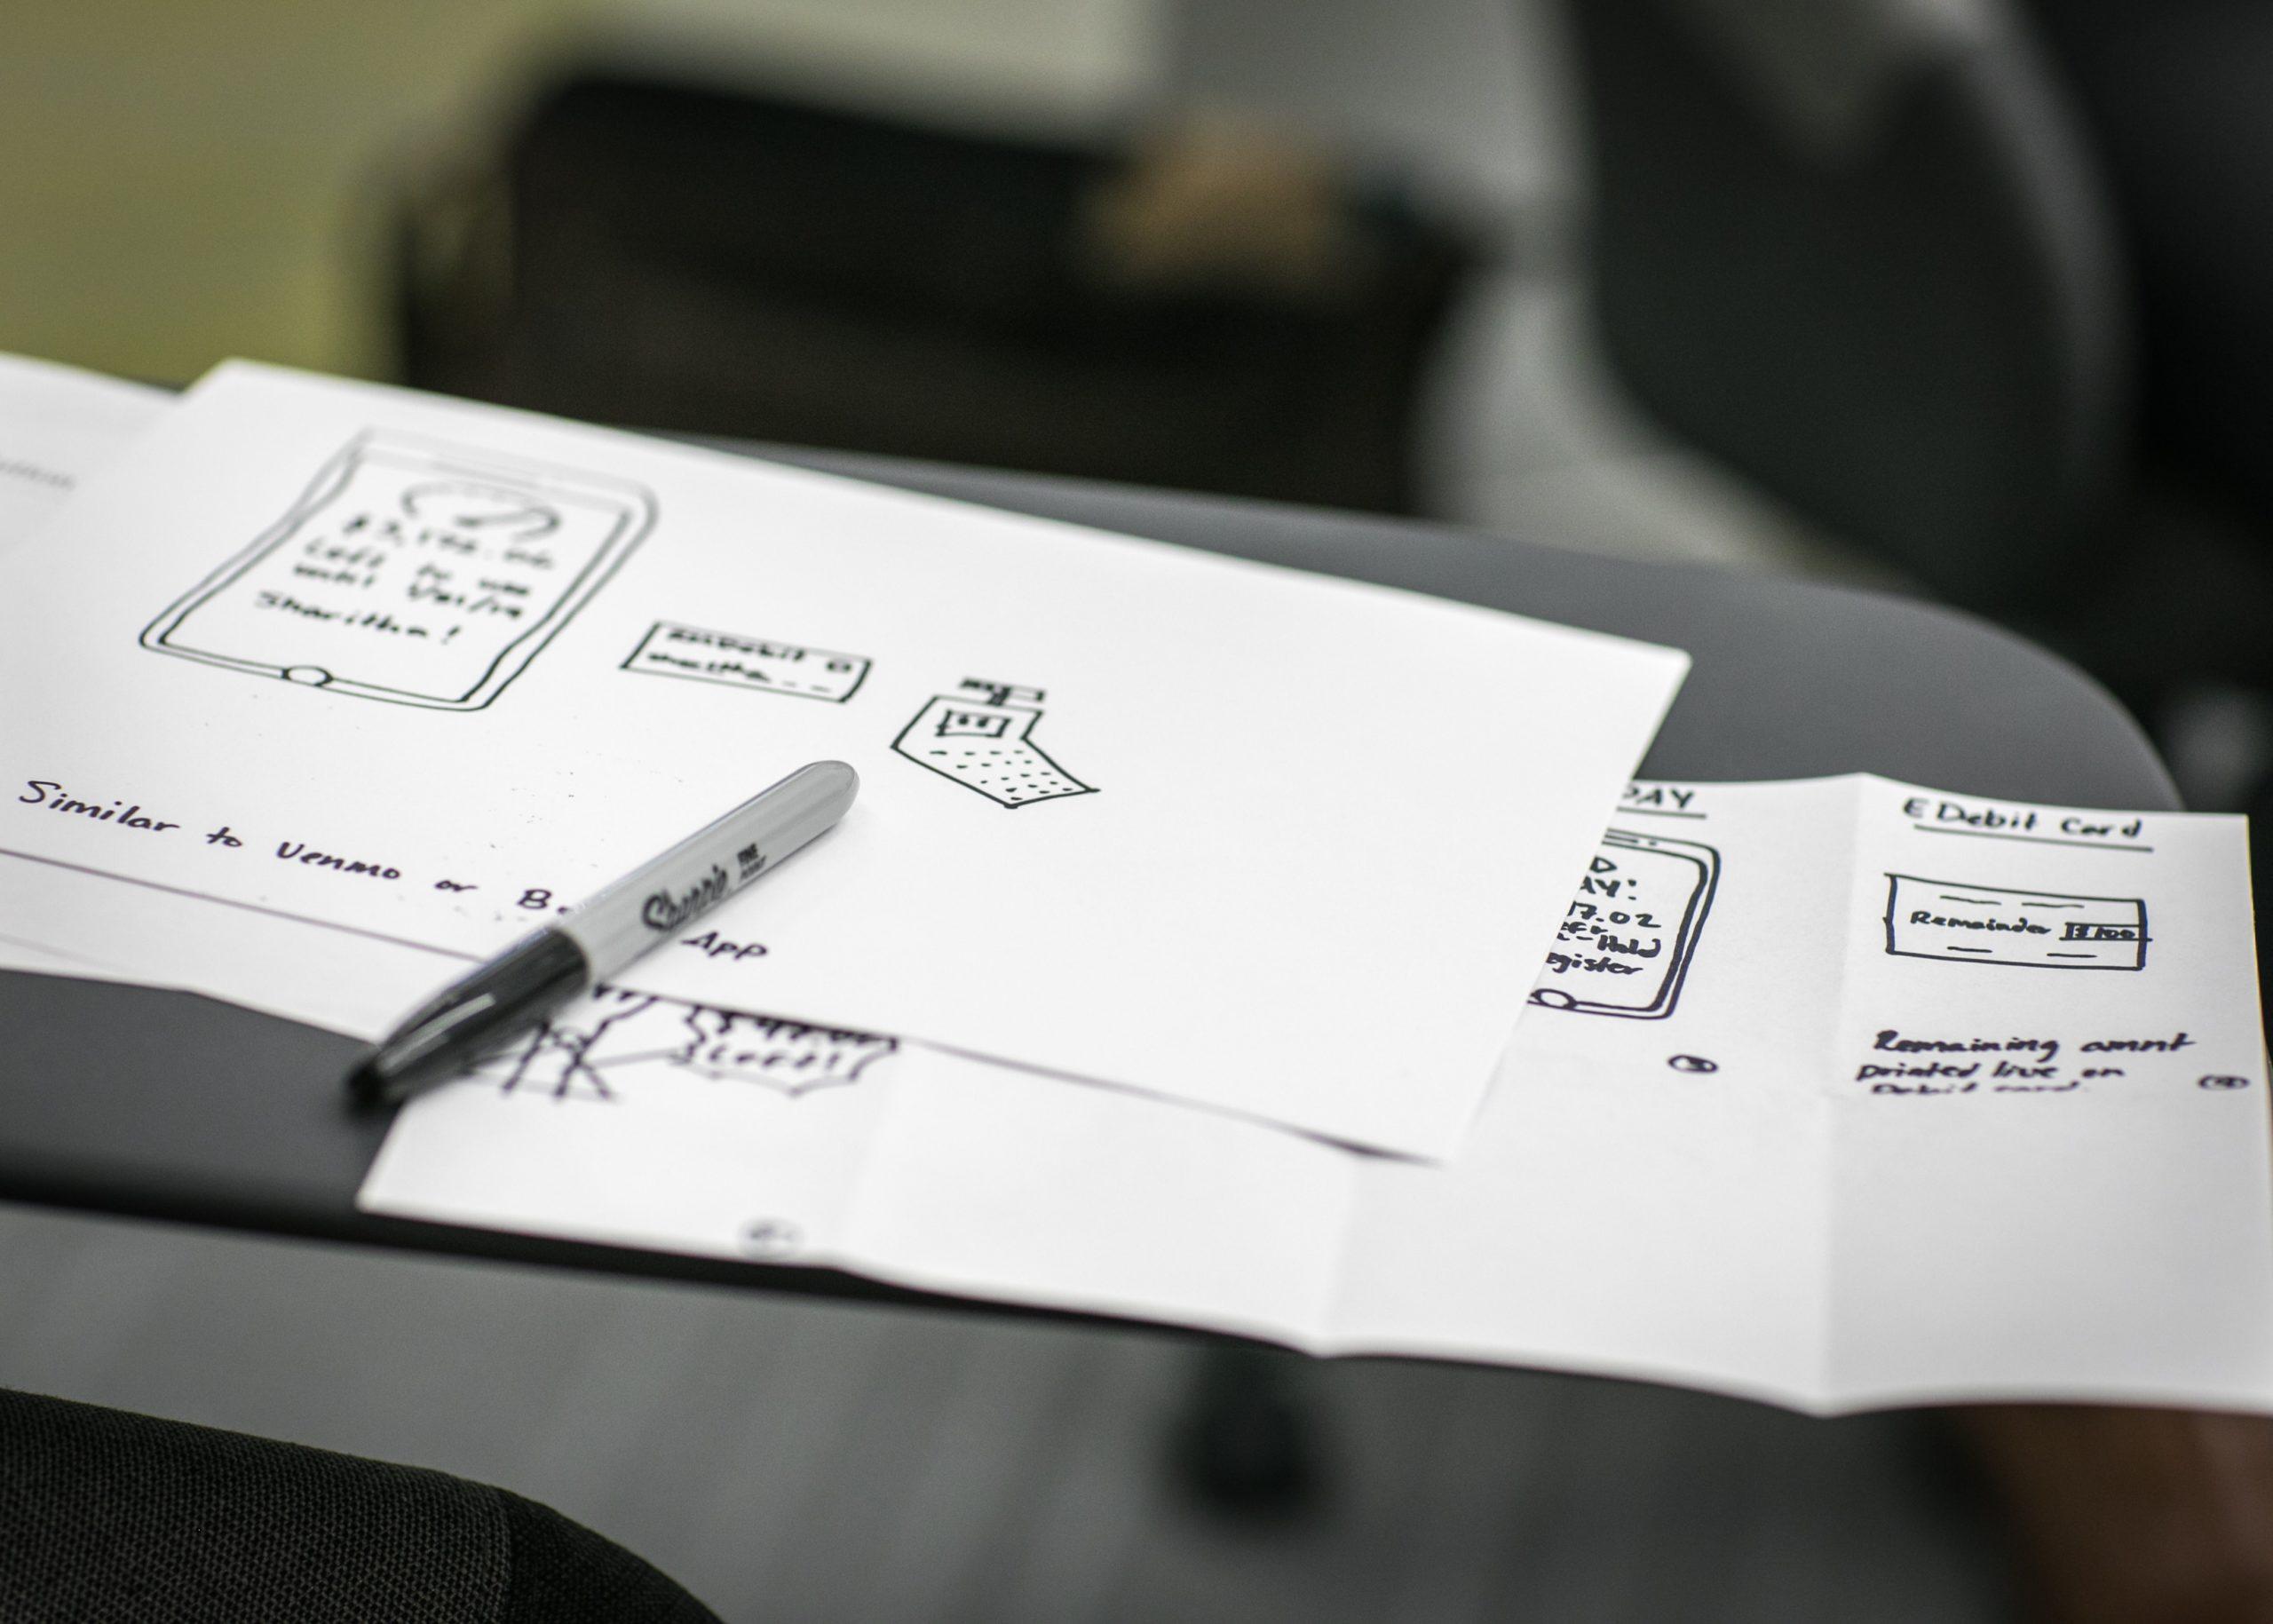 Дополняйте конспект ментальными картами, схемами, иллюстрациями.